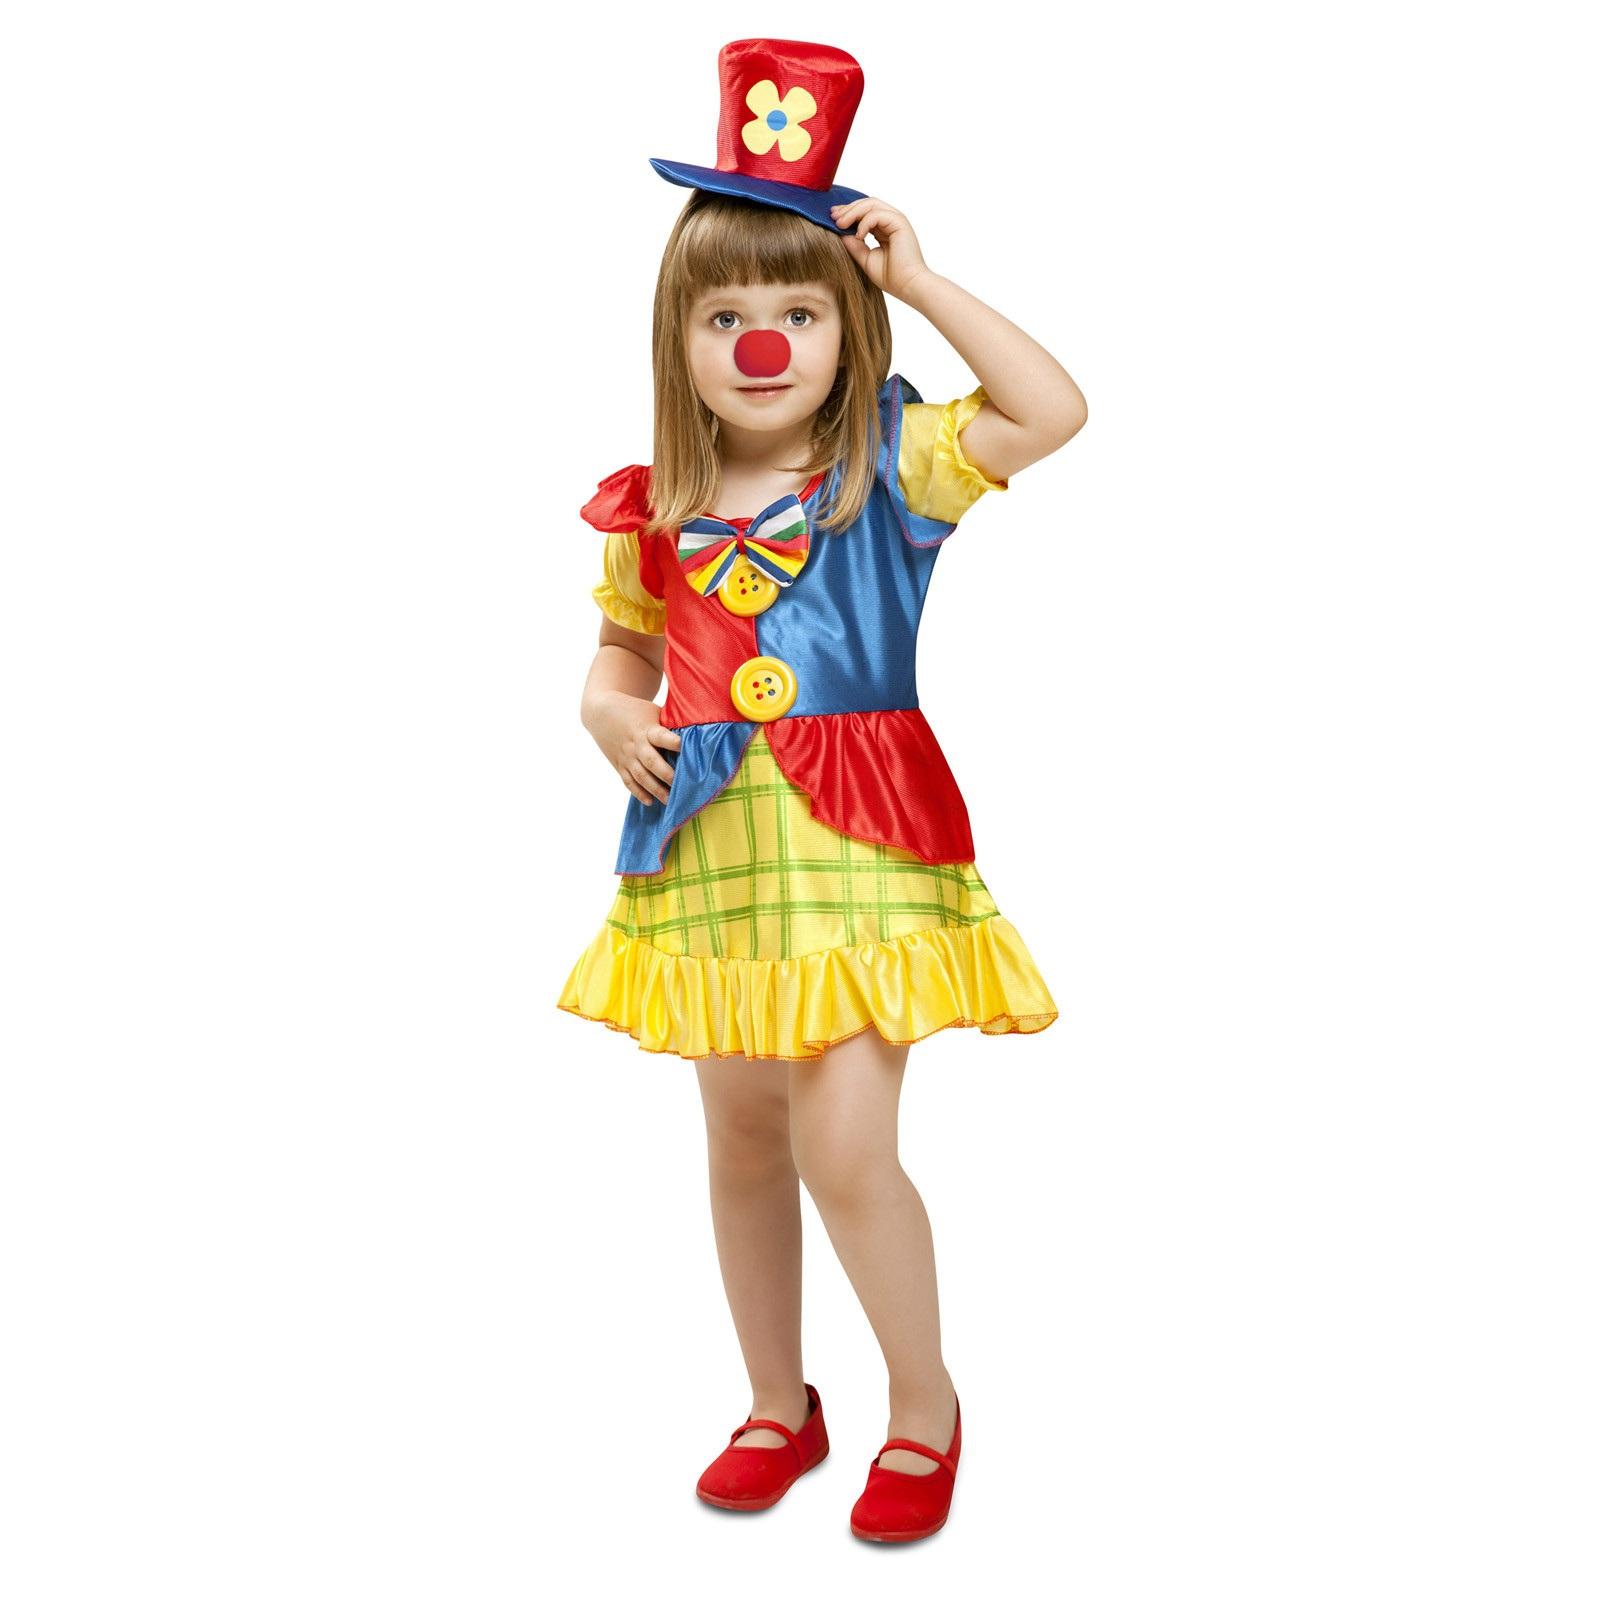 disfraz de payaseta niña 200533mom - DISFRAZ DE PAYASETA NIÑA